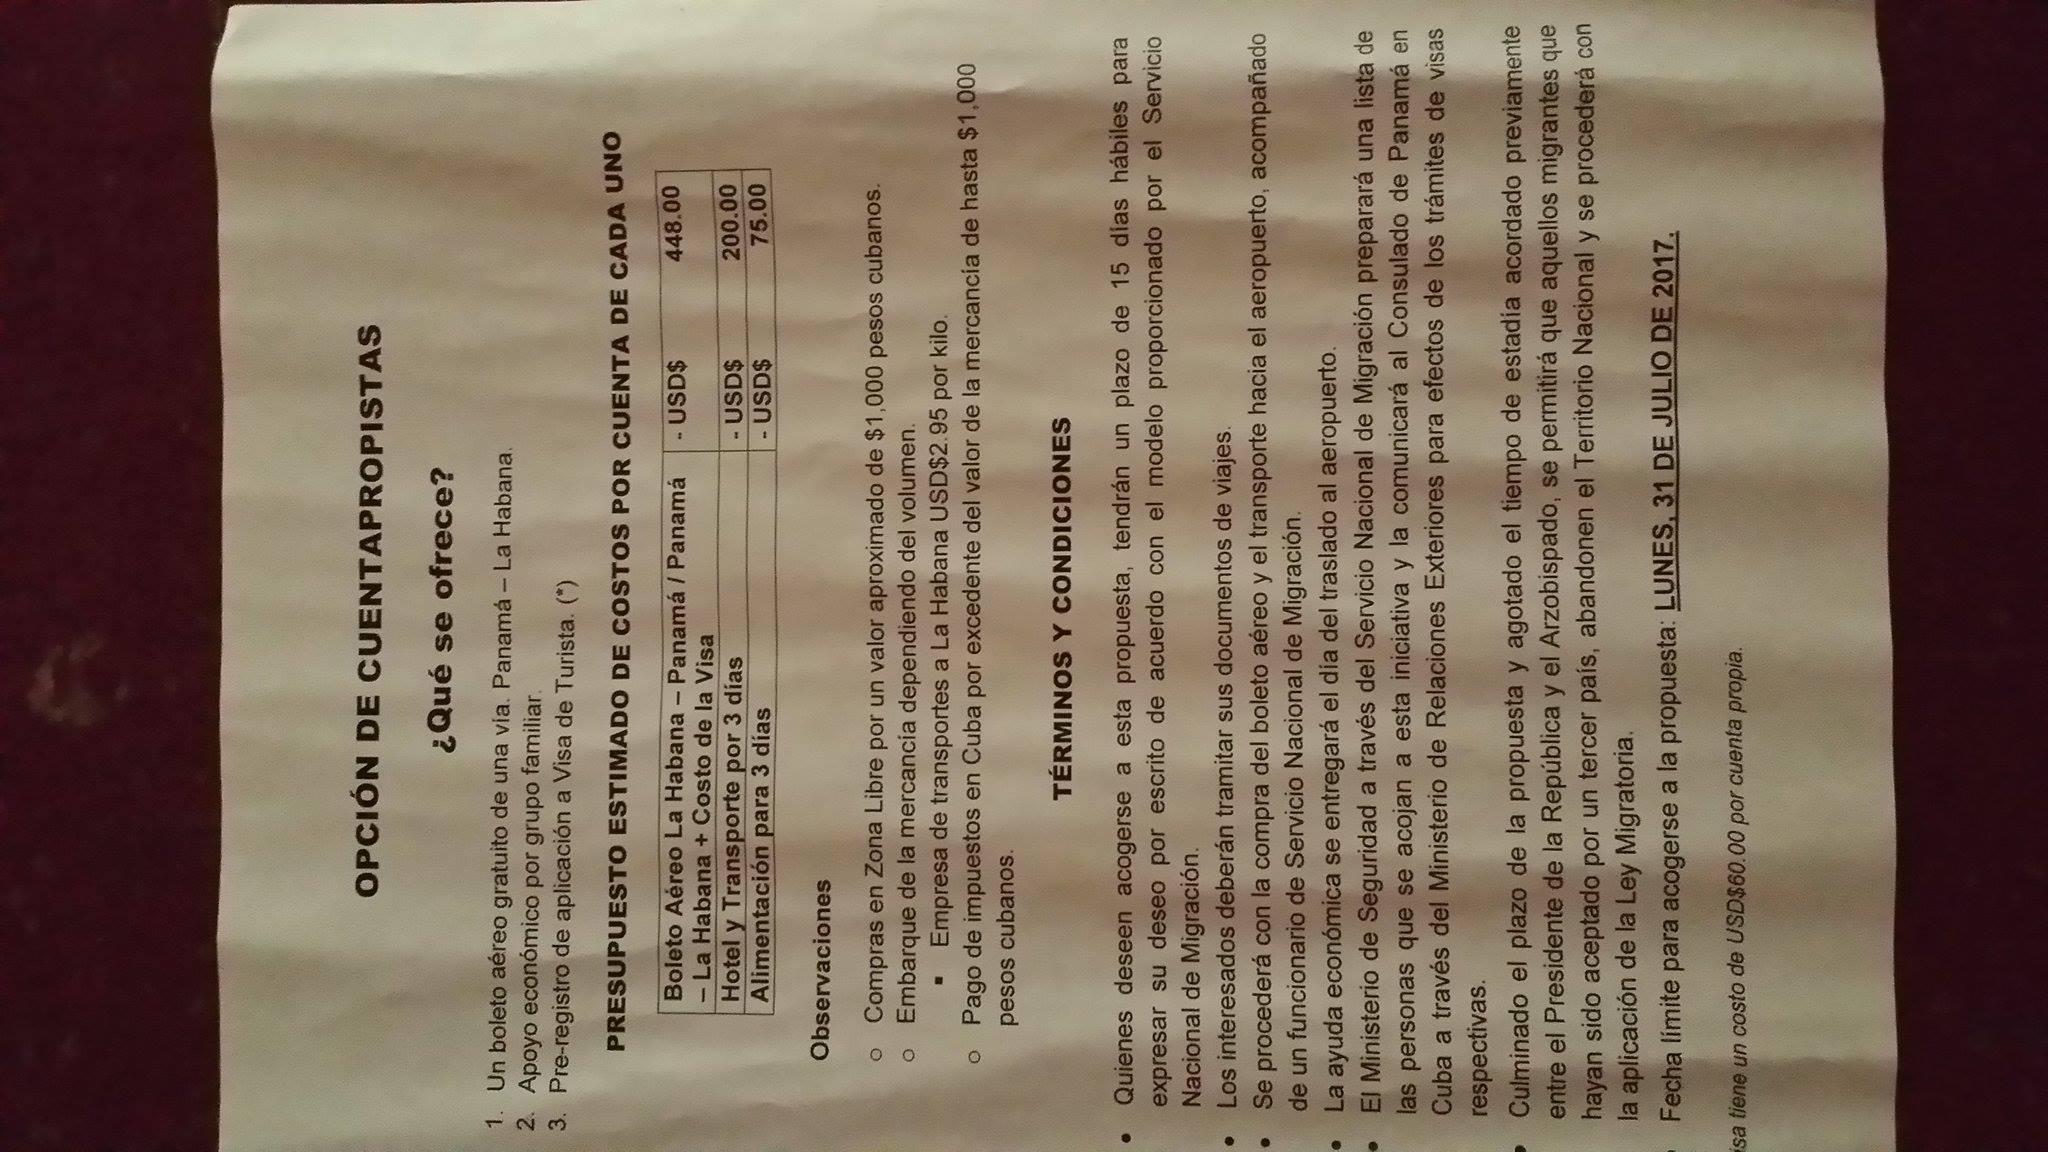 Documento-autoridades-panamenas-migrantes-Gualaca_CYMFIL20170707_0002.jpg